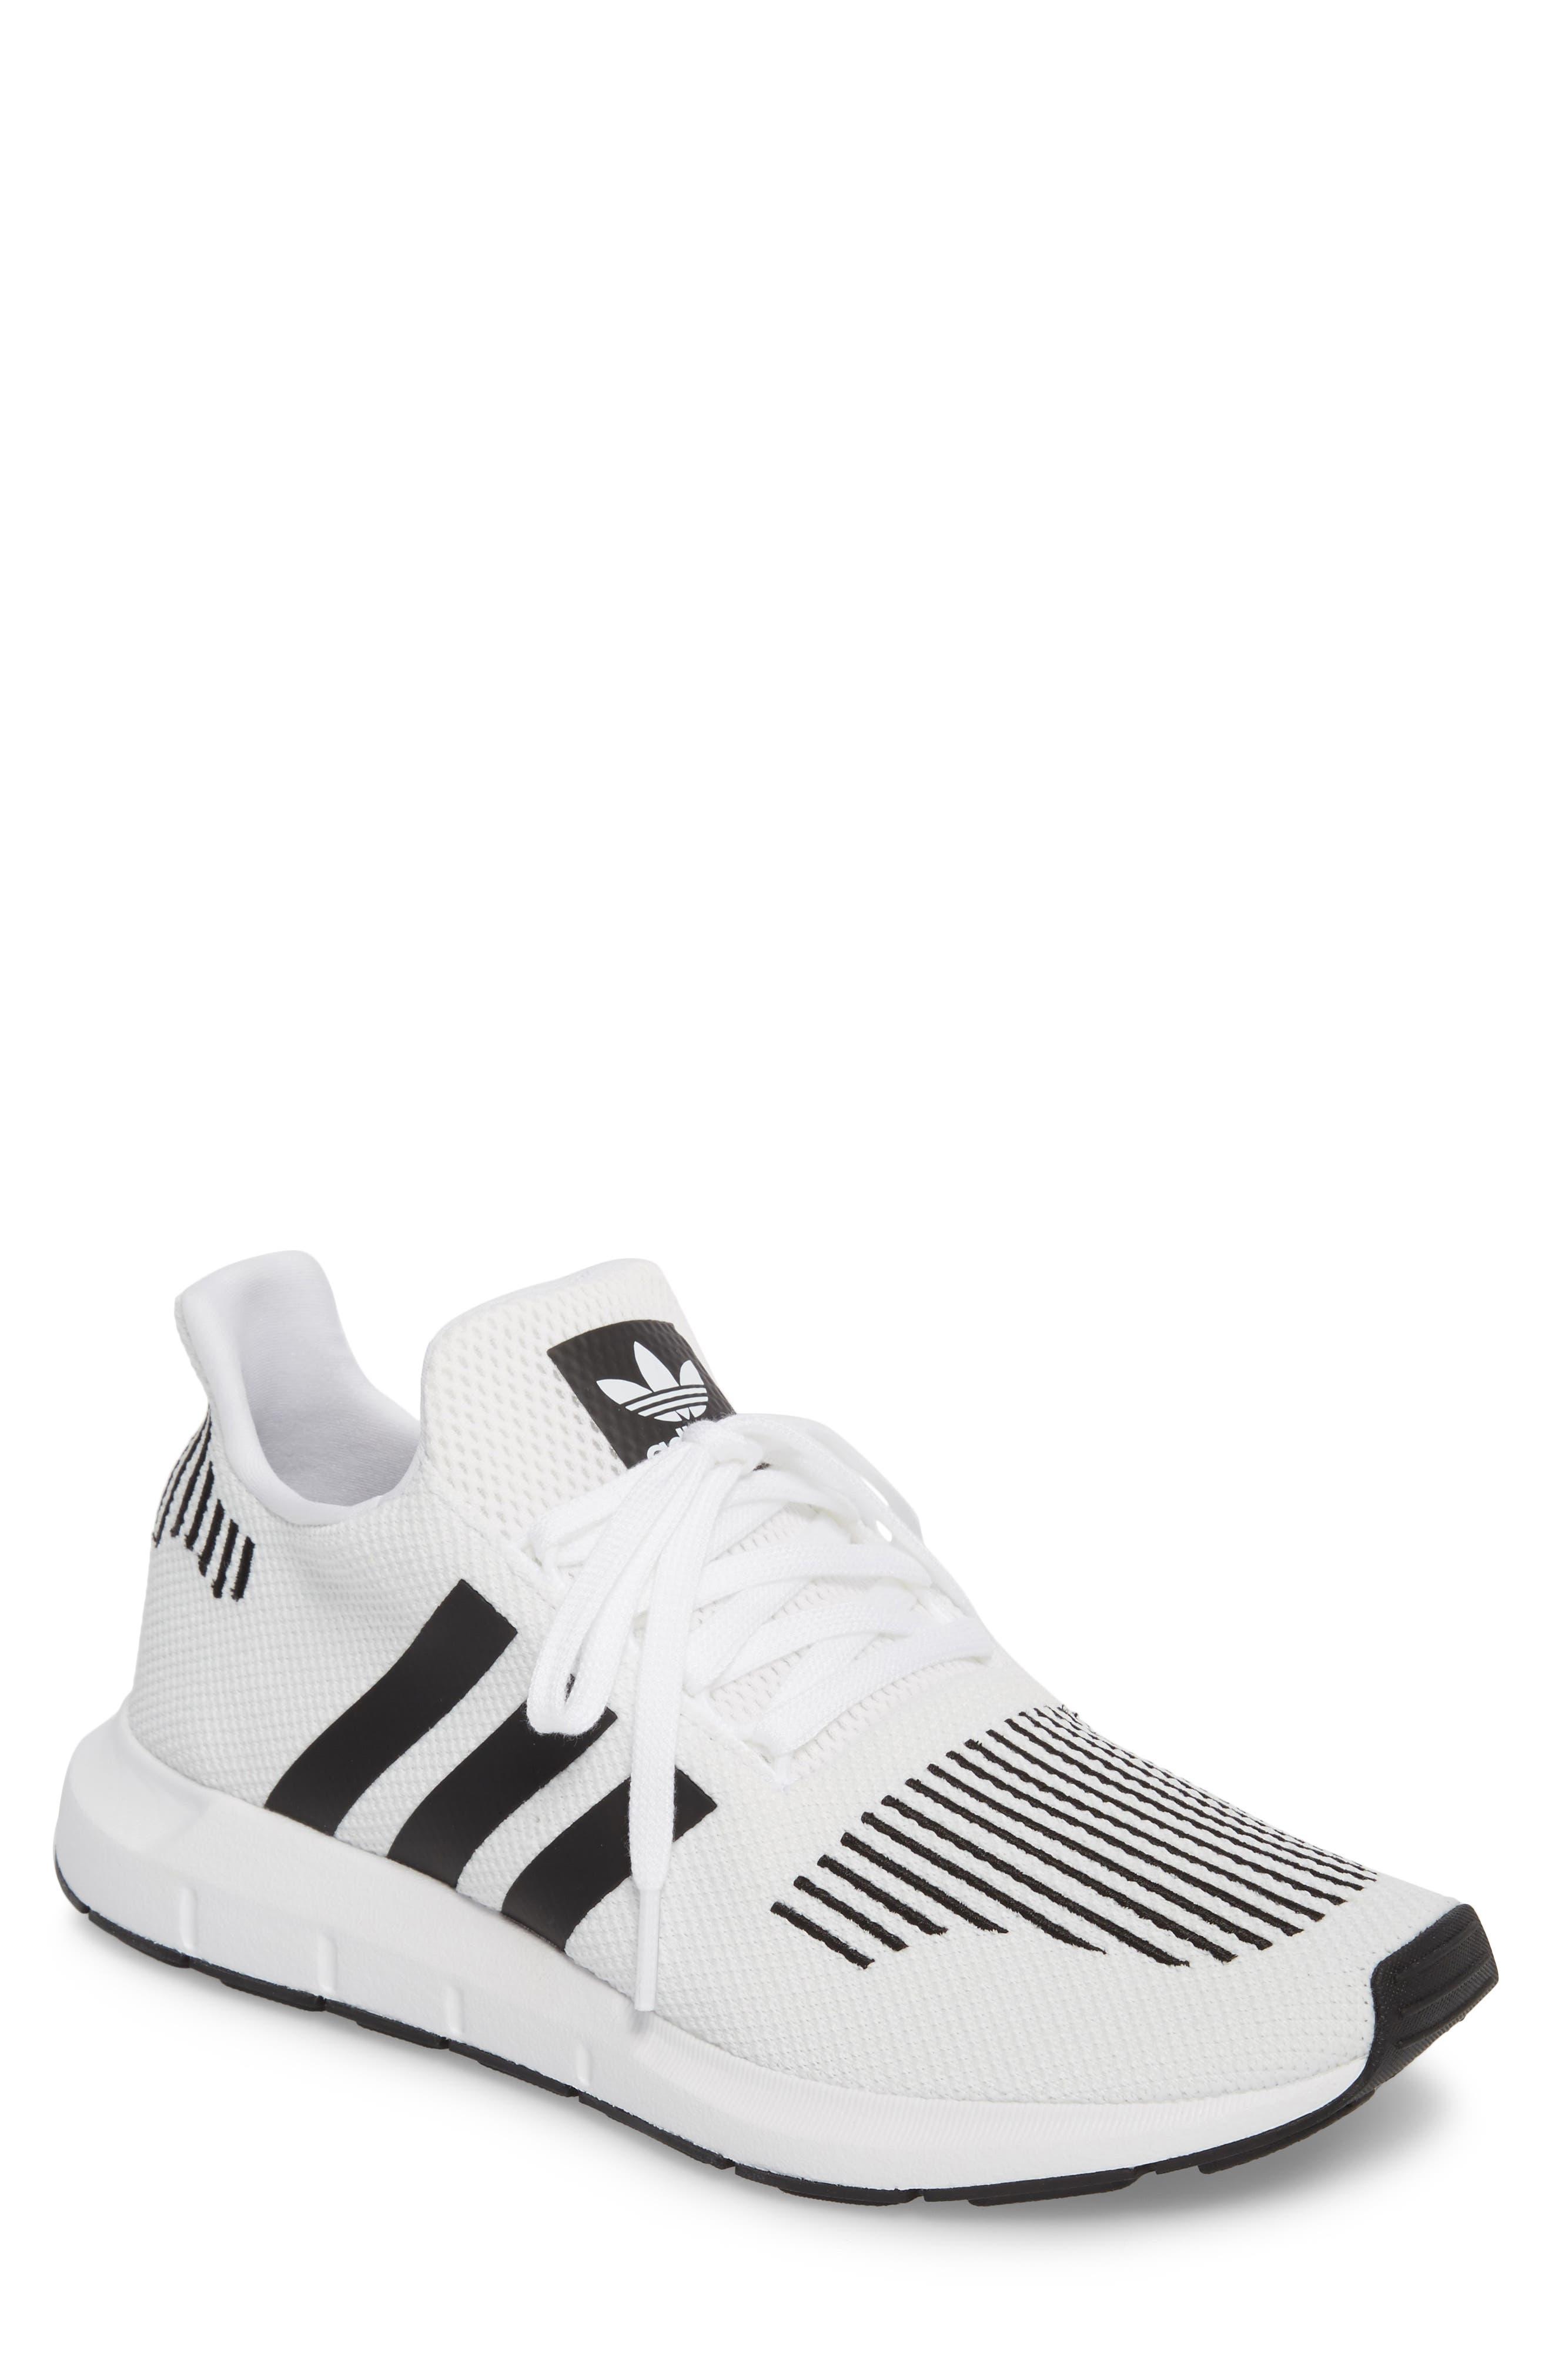 Swift Run Sneaker,                         Main,                         color, White/ Core Black/ Grey